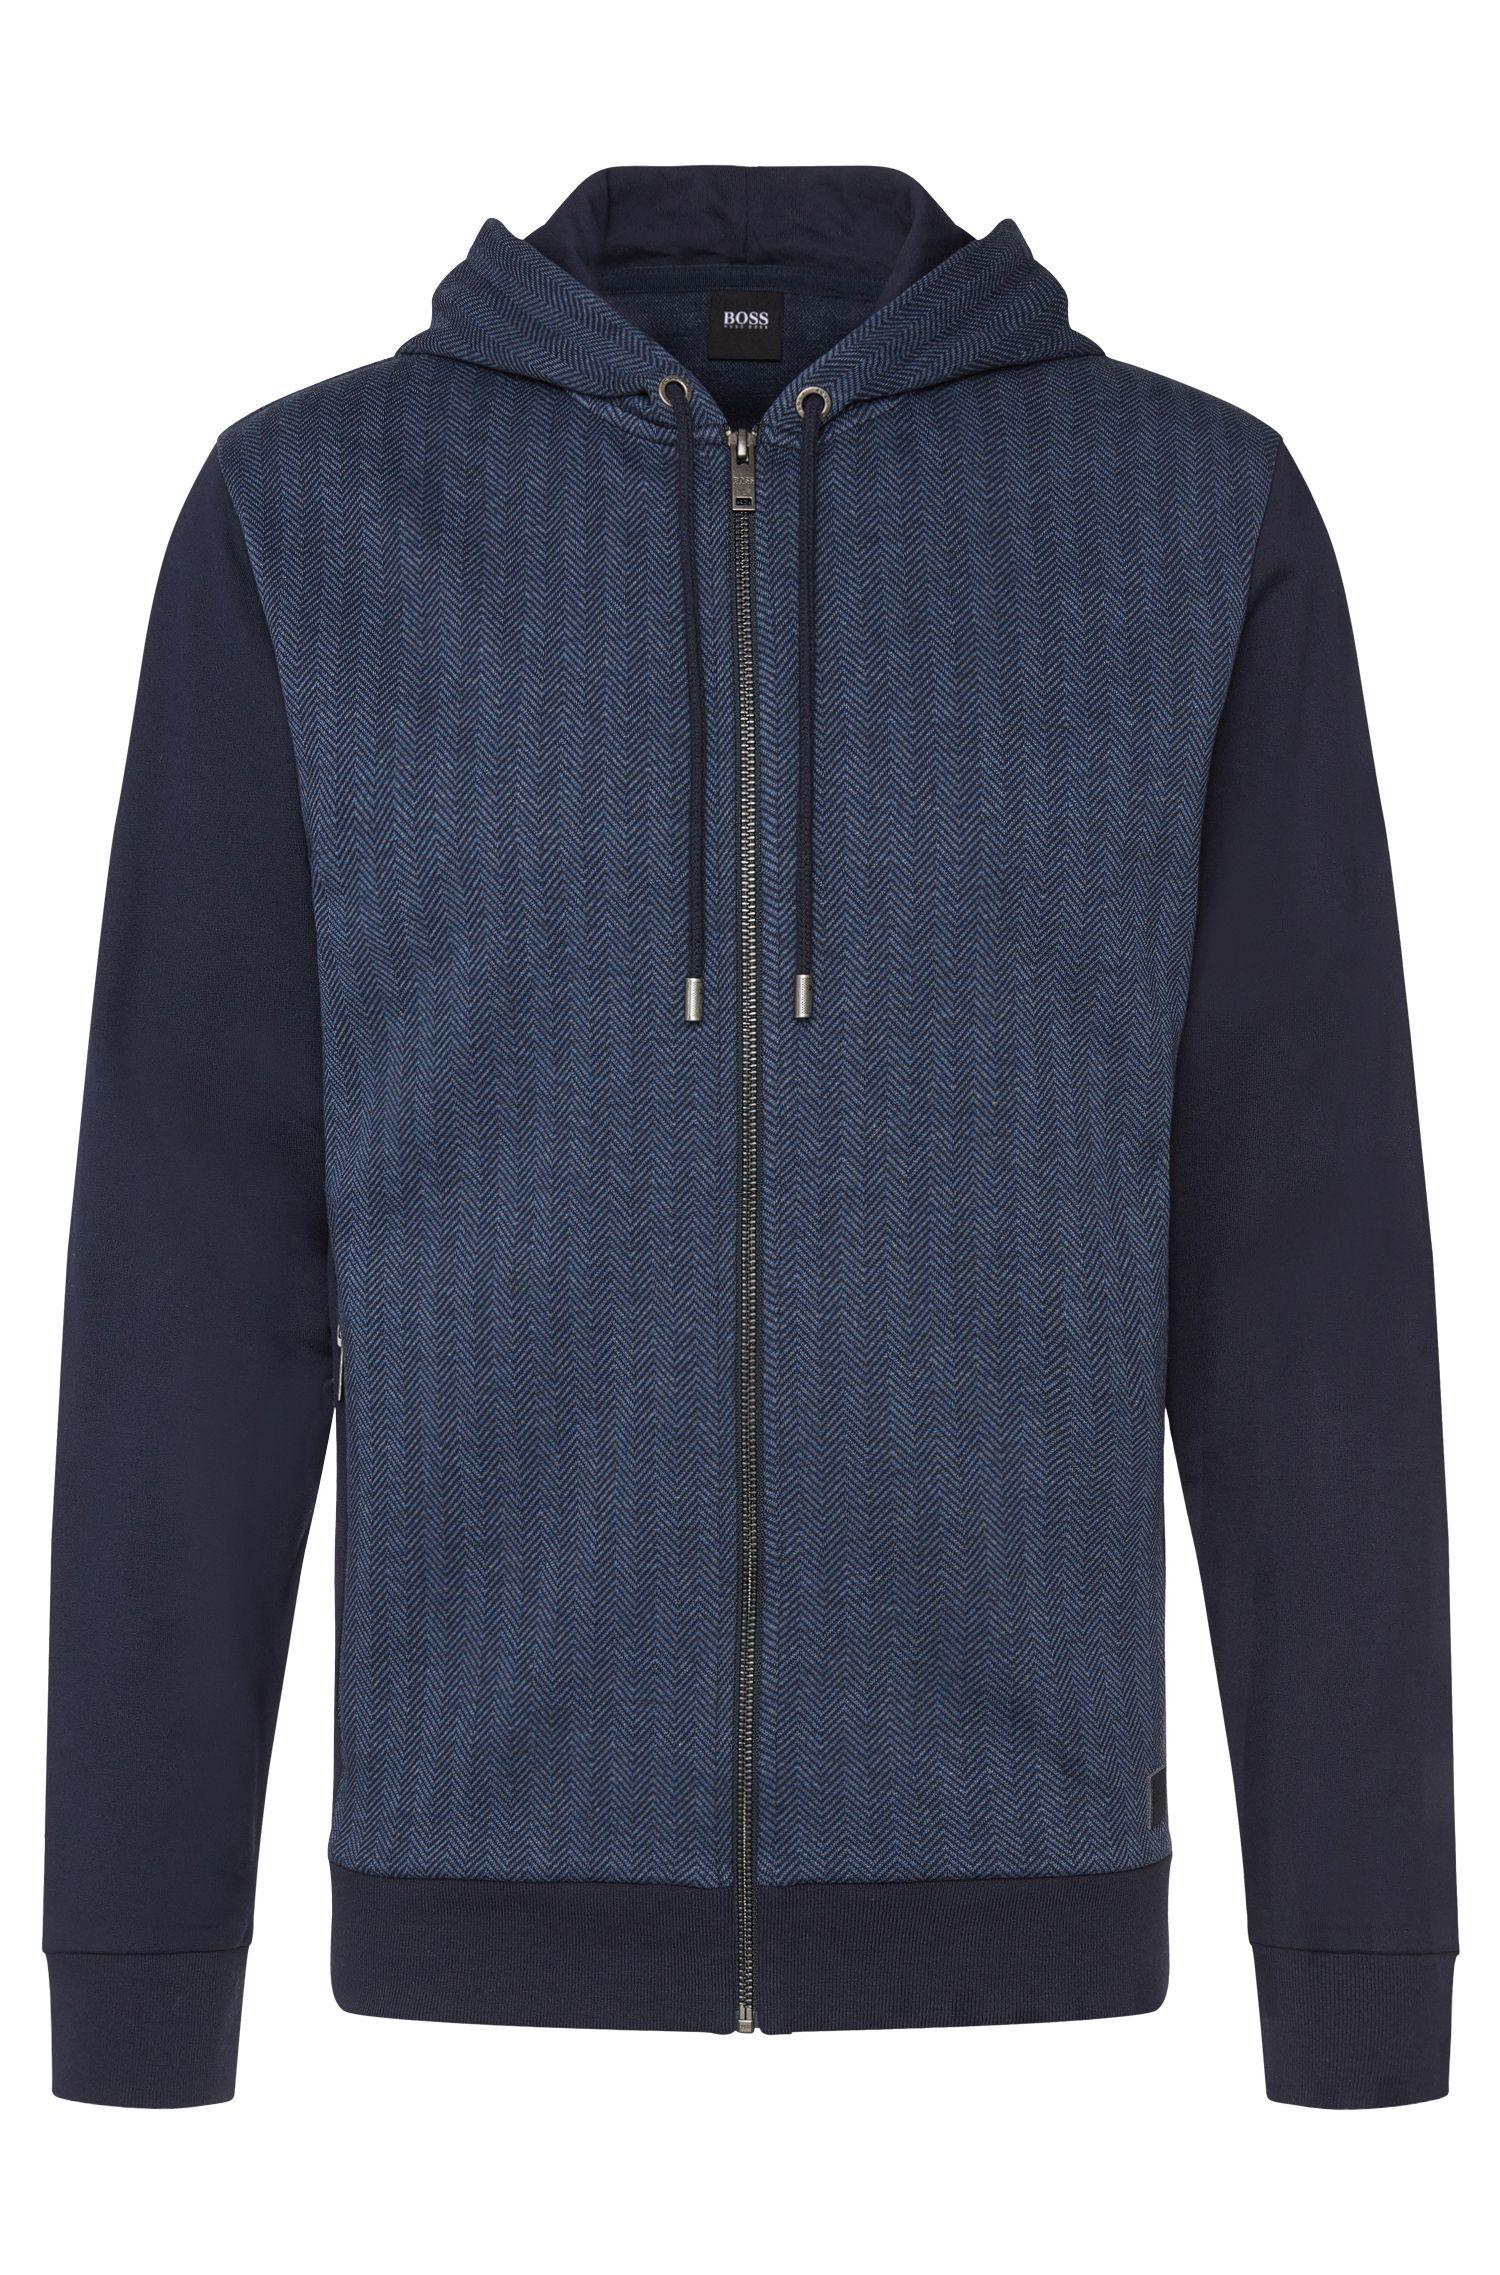 Chaqueta sudadera con capucha estampada en algodón: 'Jacket Hooded'